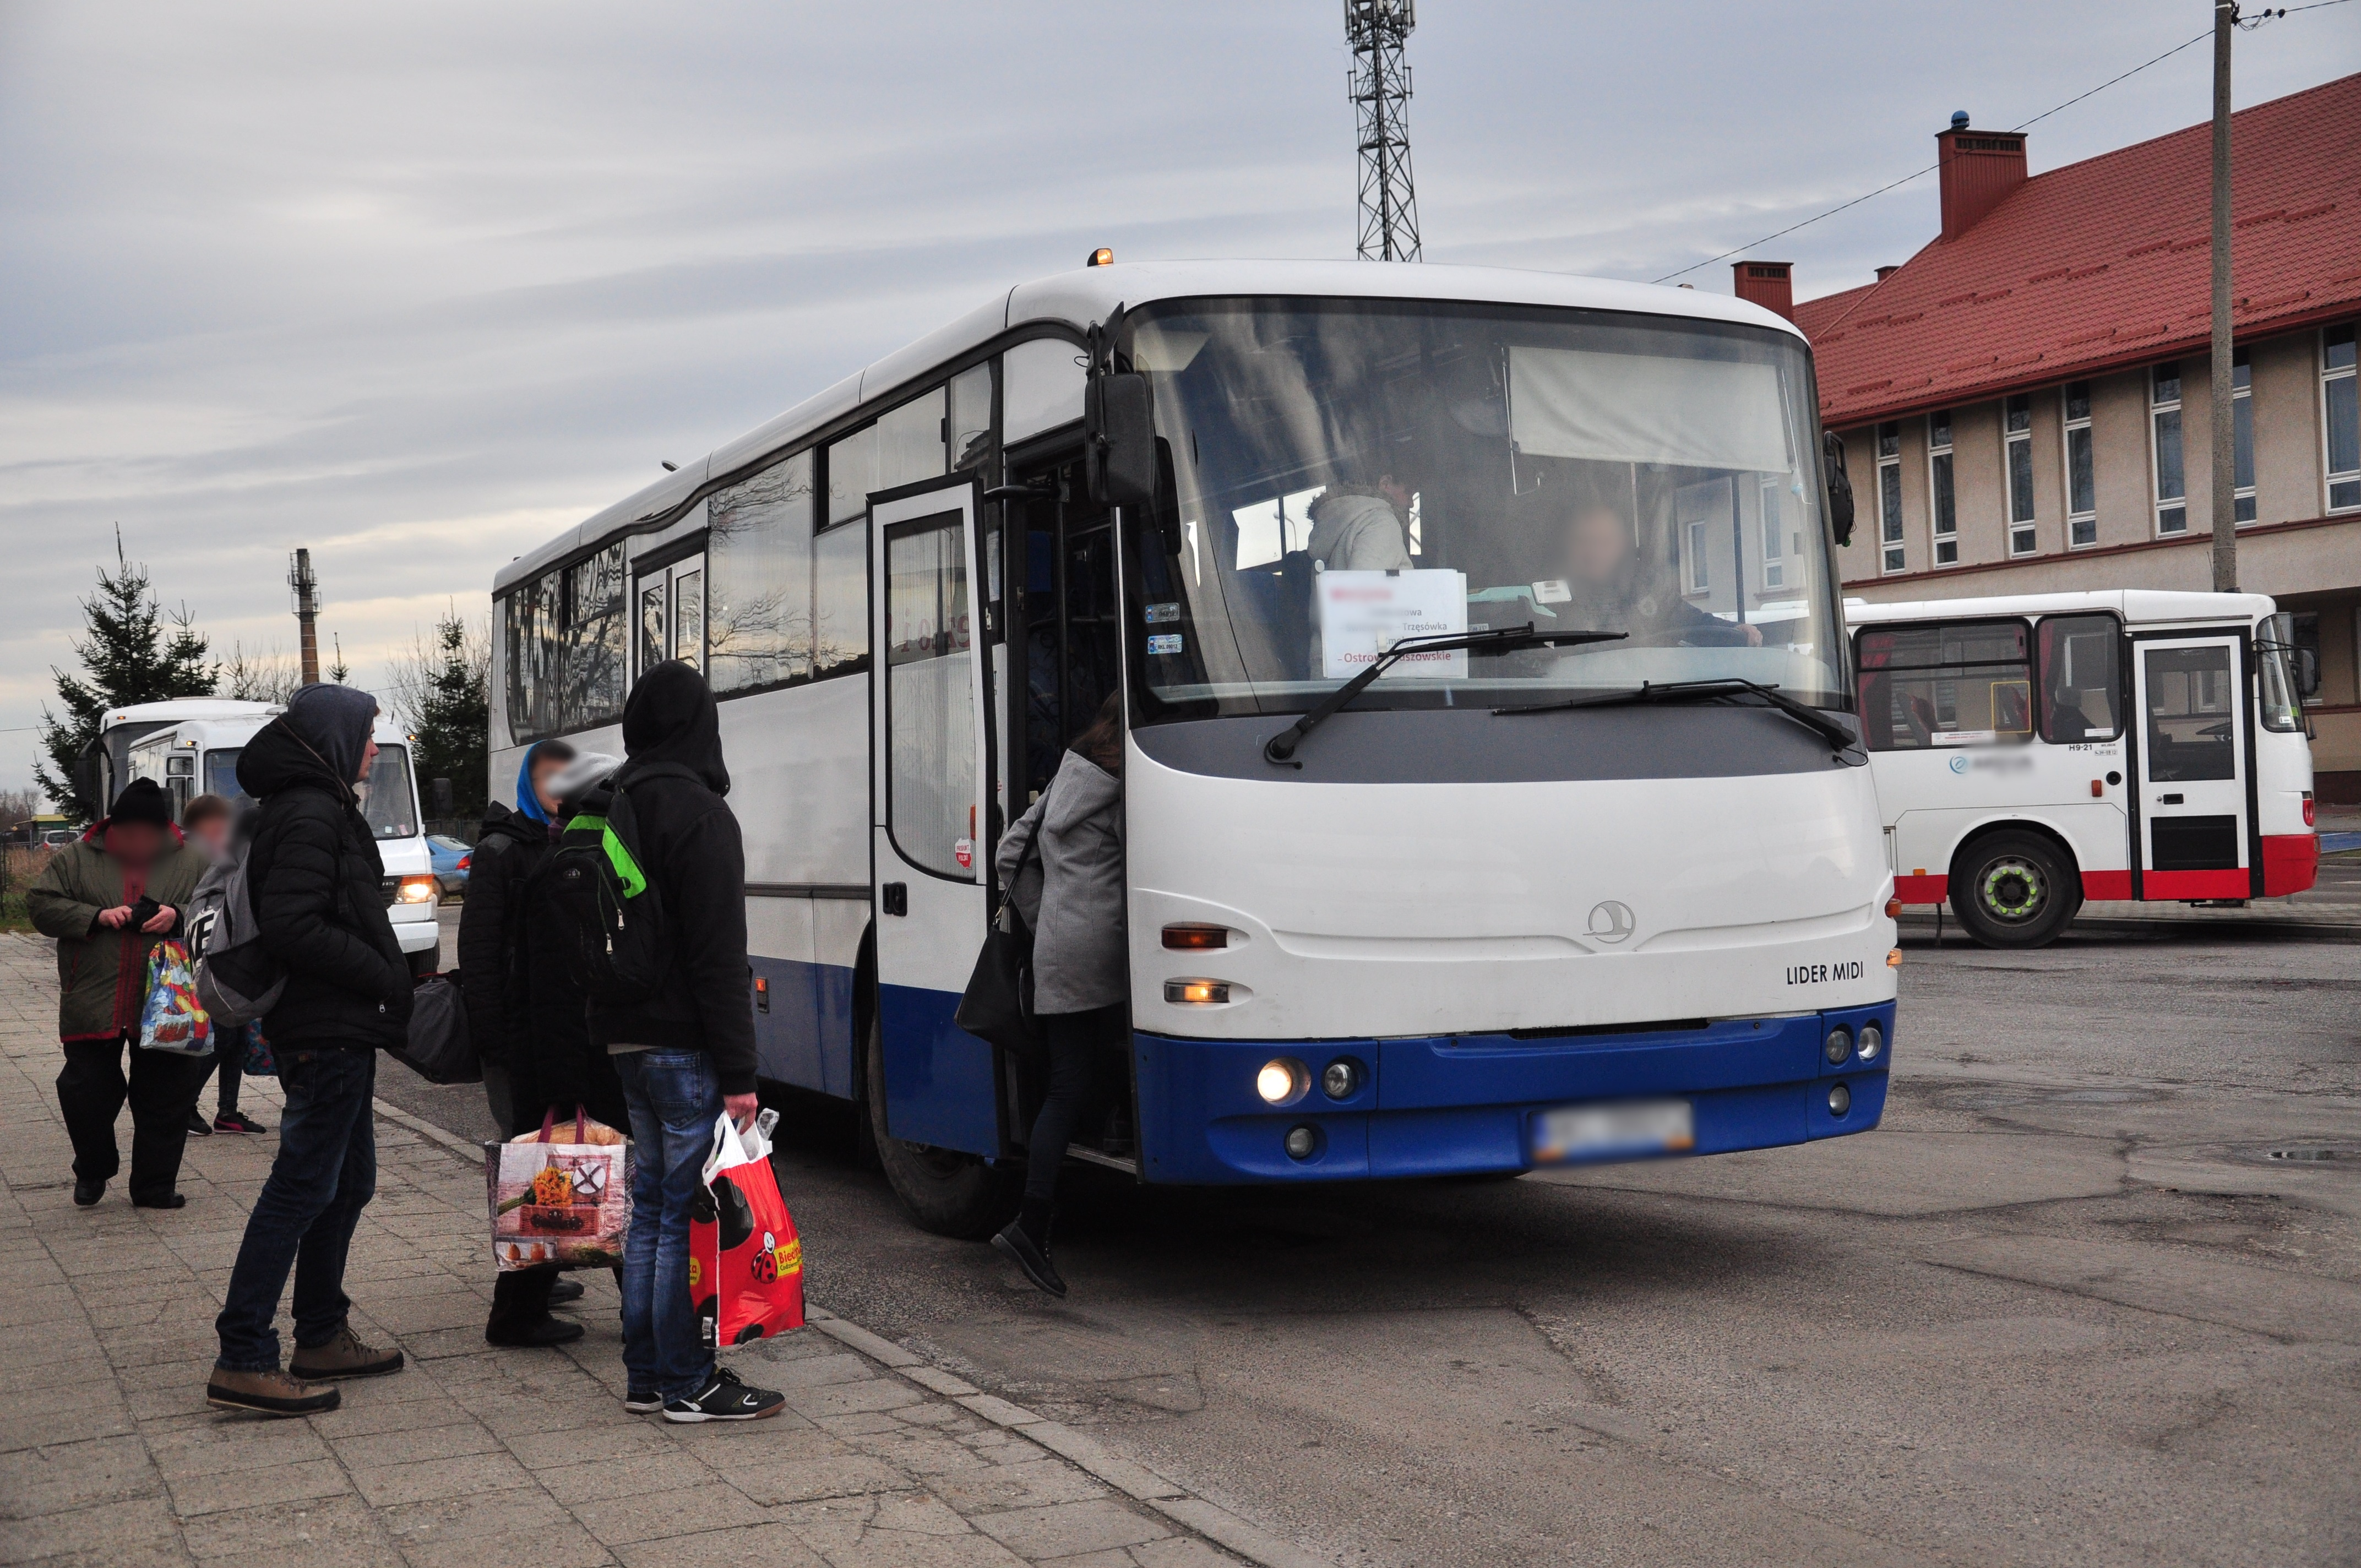 W gminie Cmolas ustalono podatek transportowy. Przedstawiamy pełen wykaz - Zdjęcie główne